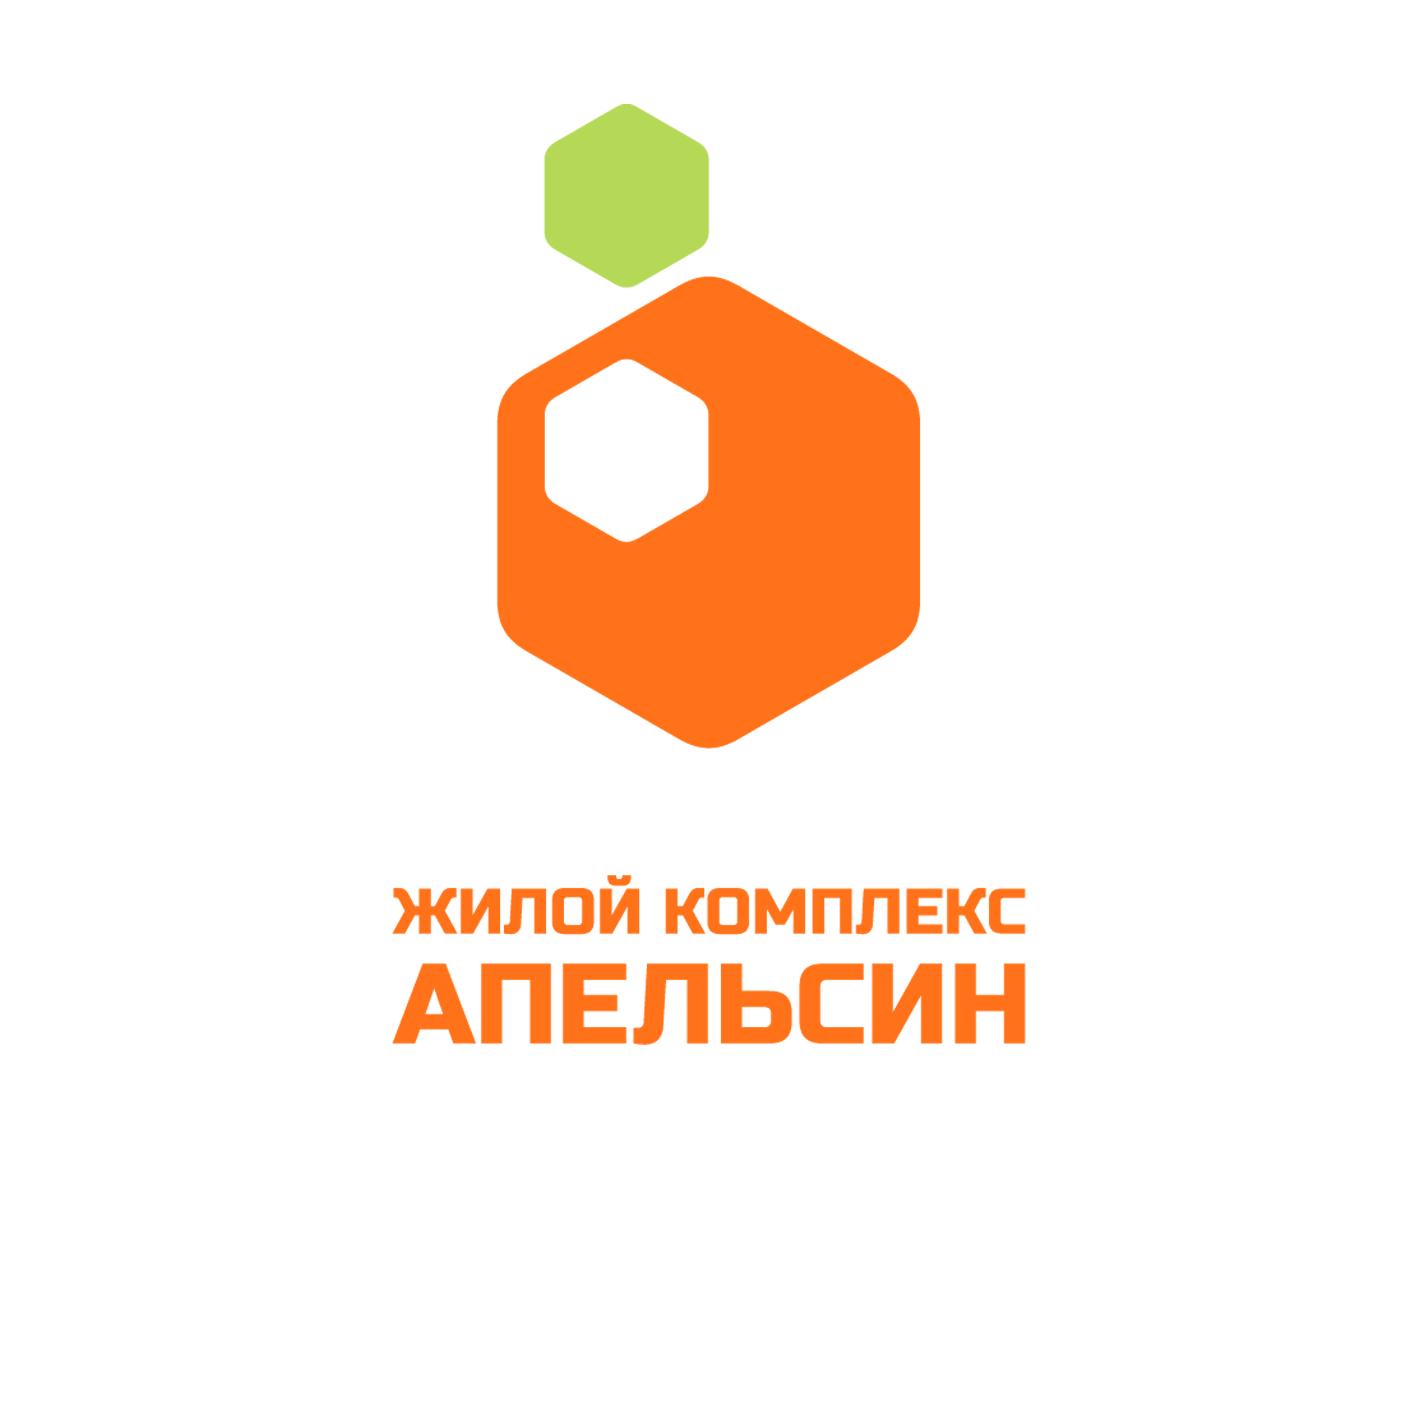 Логотип и фирменный стиль фото f_9485a66e28a34172.png